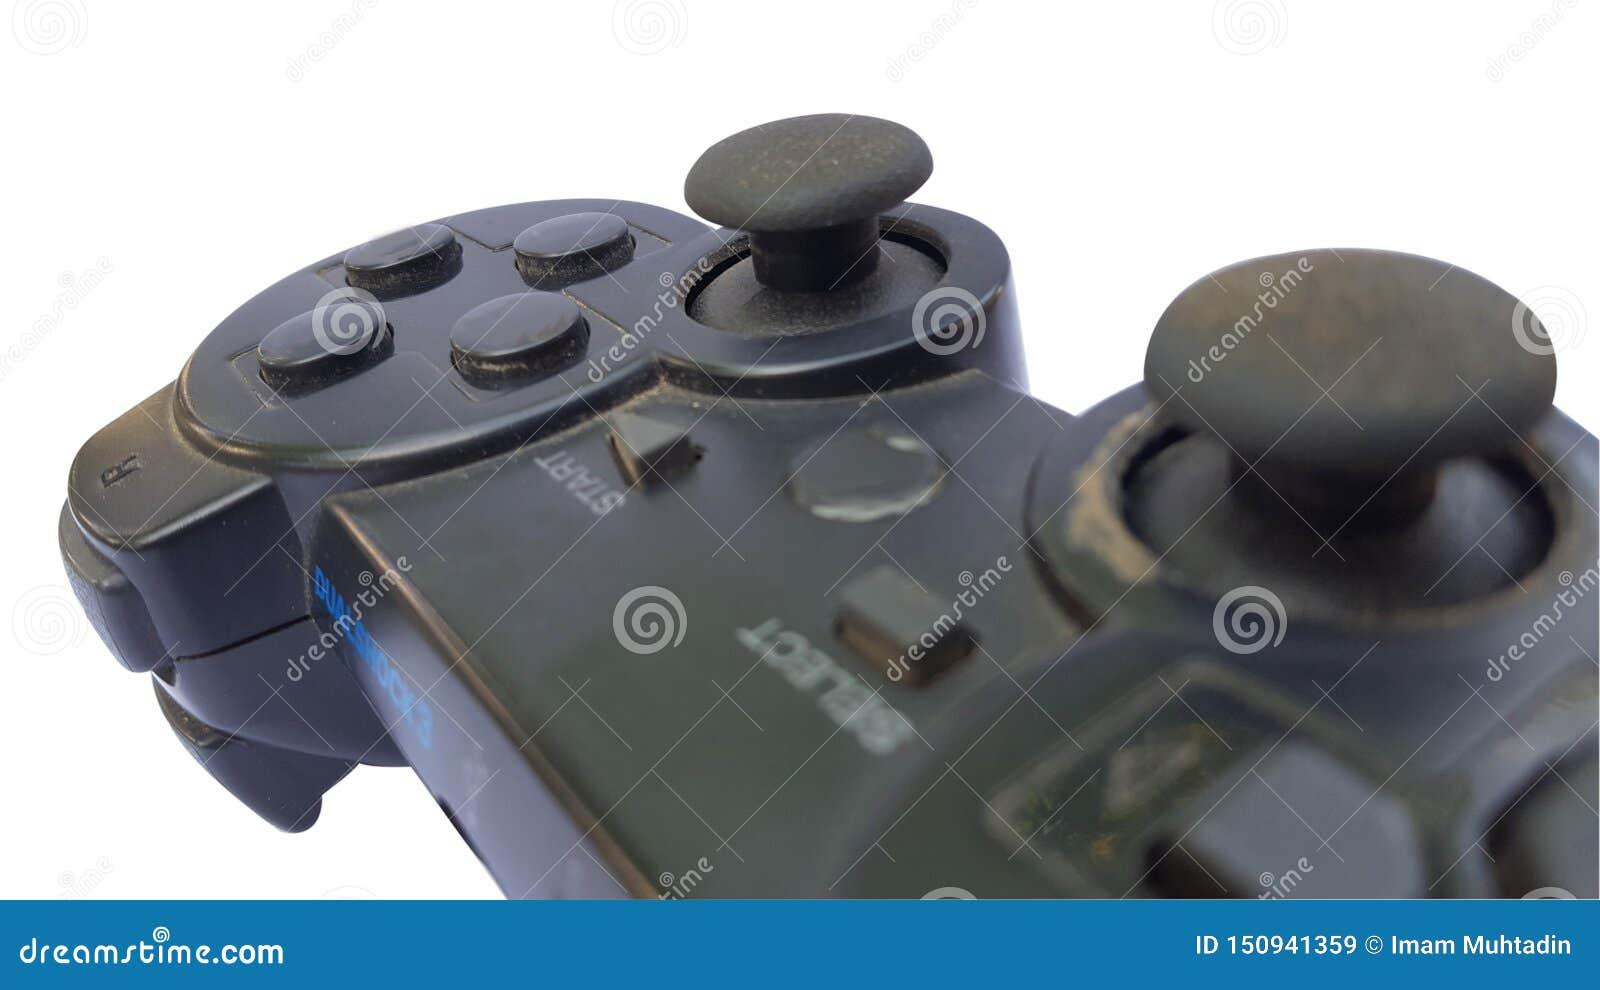 Controlador do jogo, equipamento para jogar jogos para uma experiência melhor do jogo